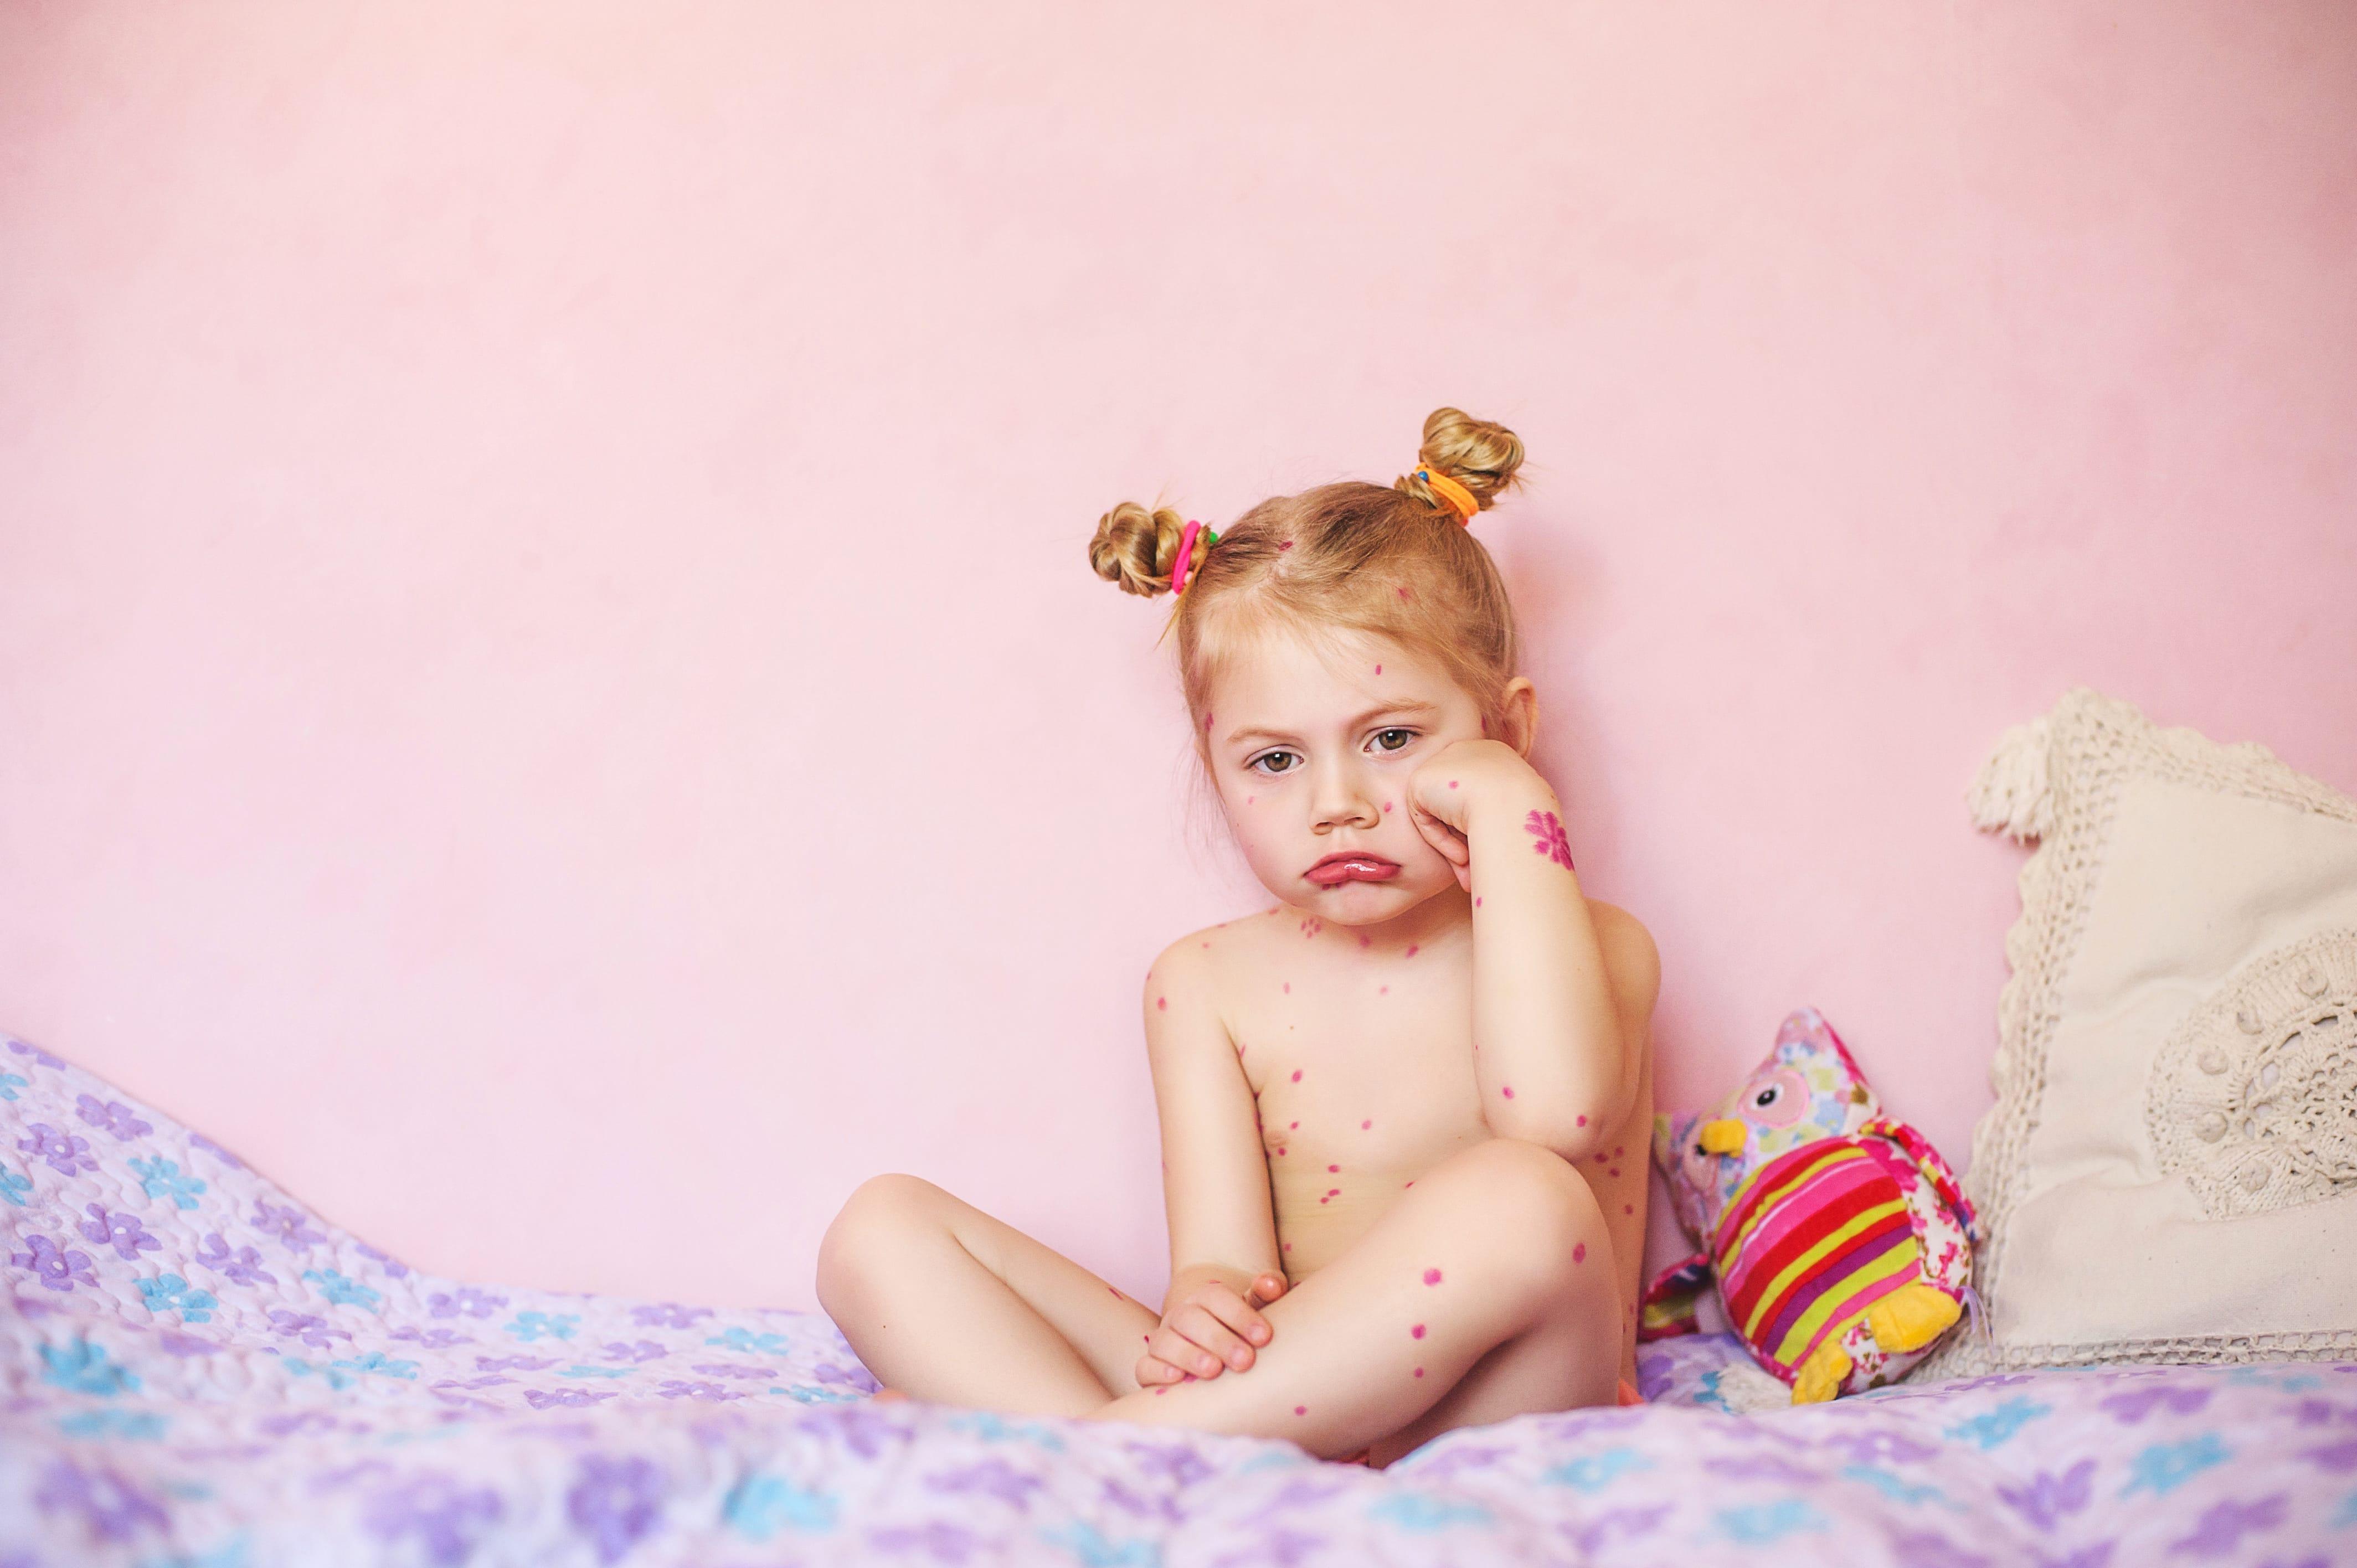 Bekommt man Kinderkrankheiten wirklich nur einmal?